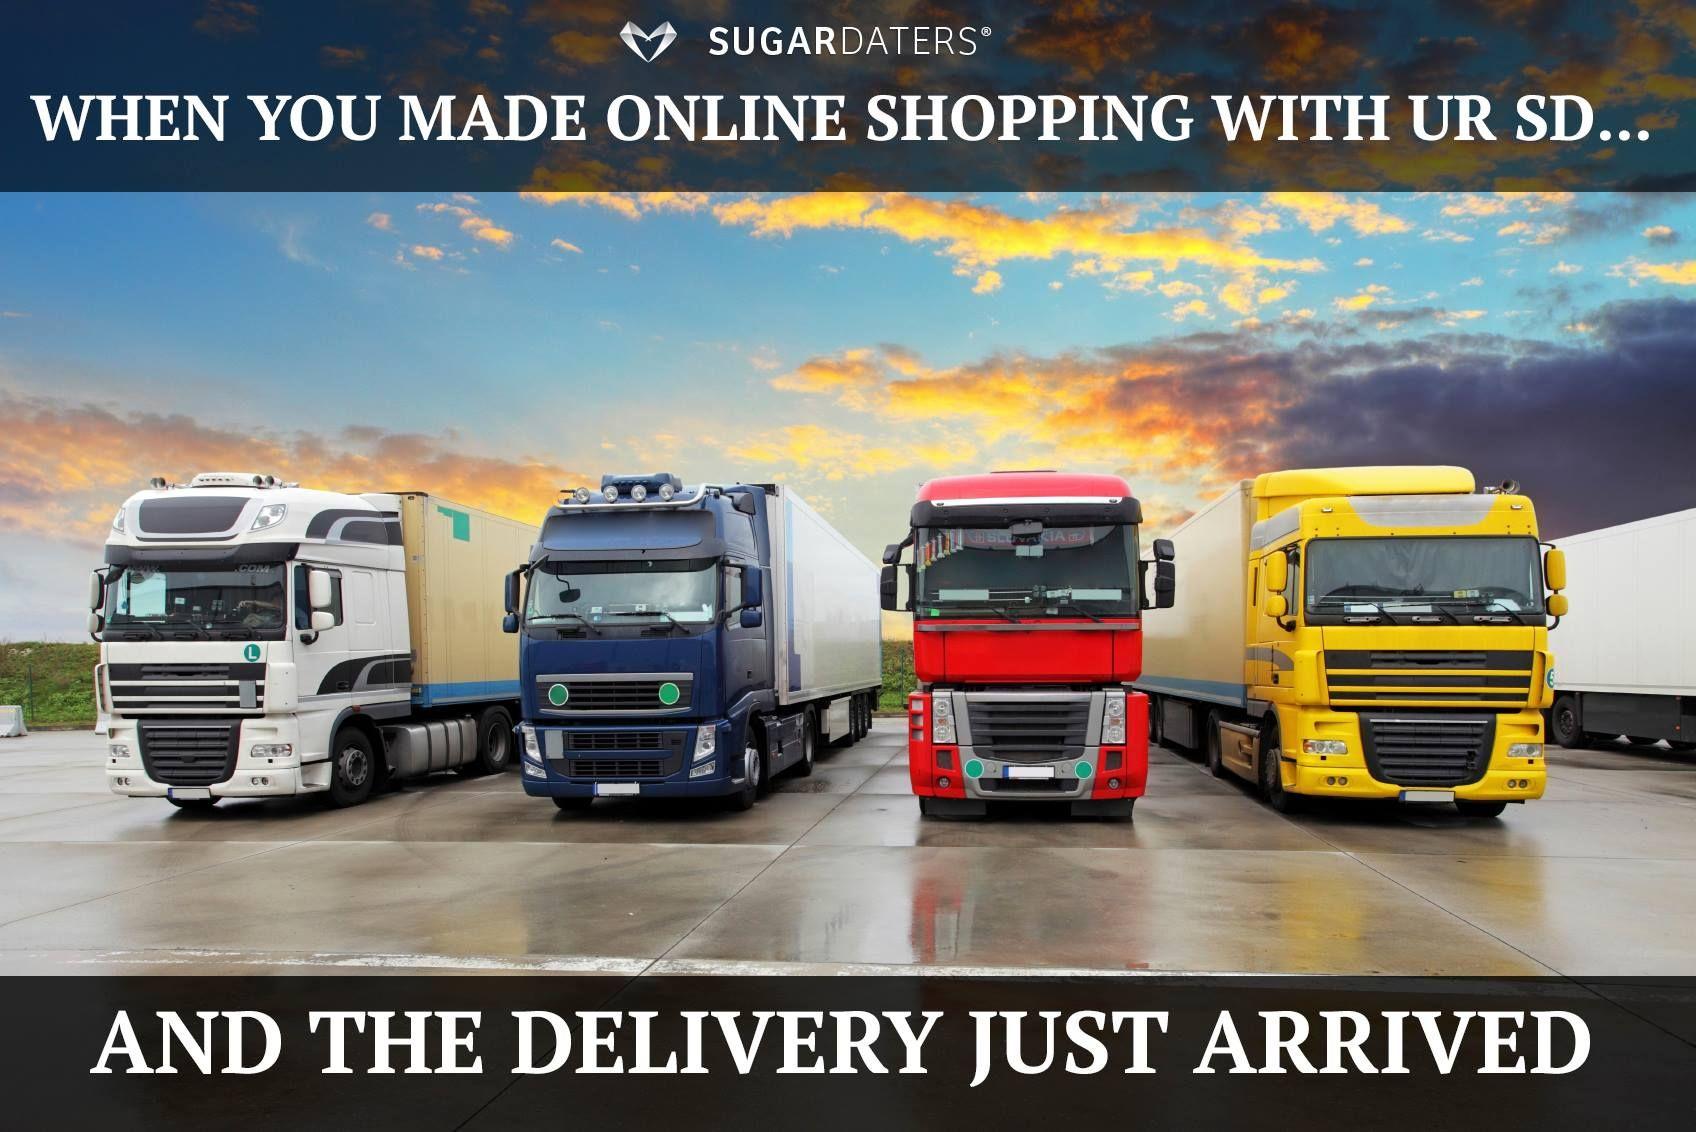 A bit of online shopping... fun